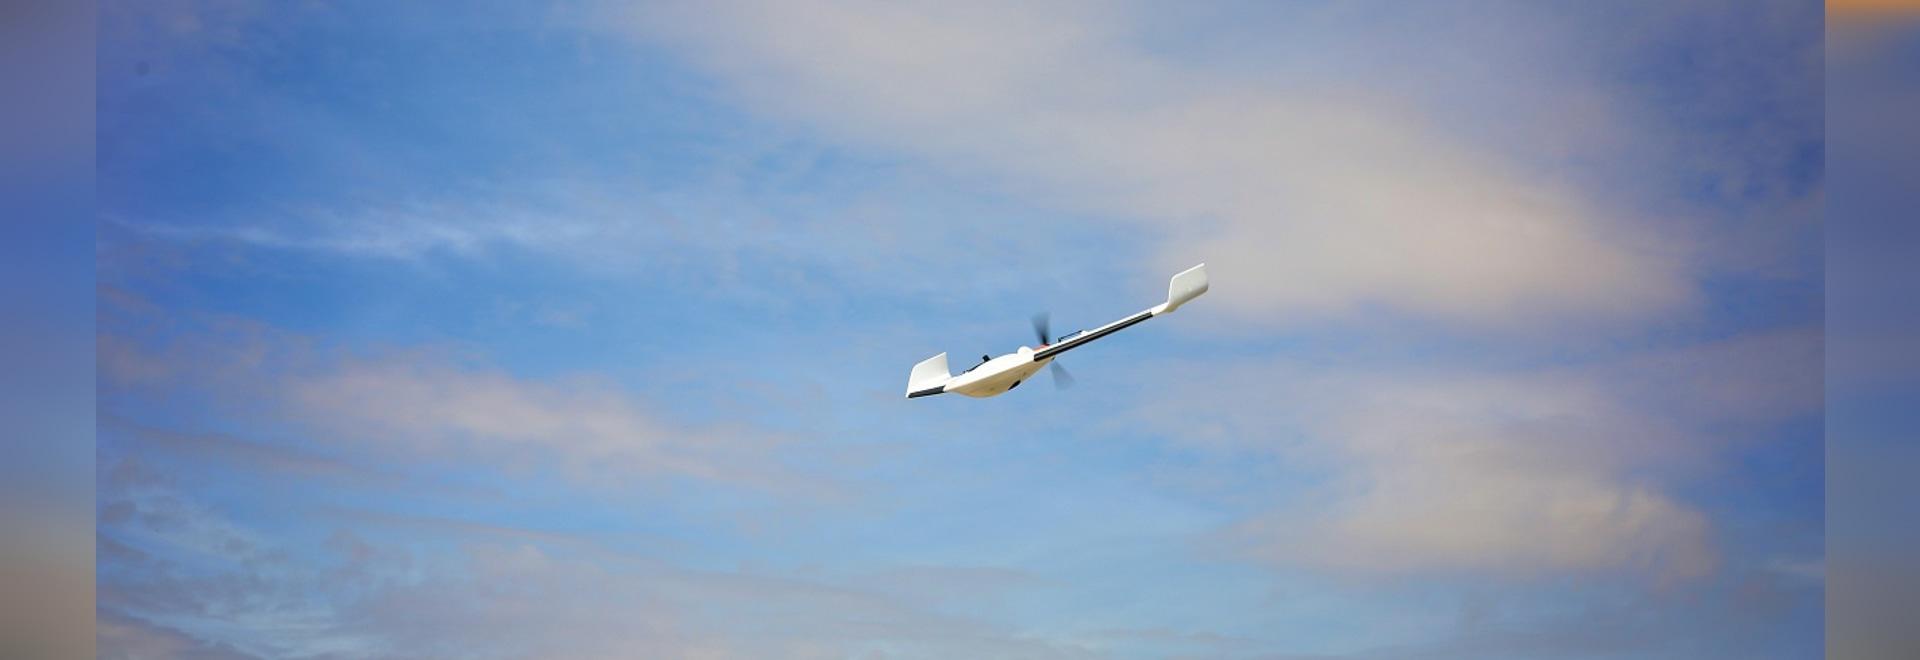 """Delair: """"Los drones se han convertido en una seria herramienta de negocios para la recolección de datos"""""""